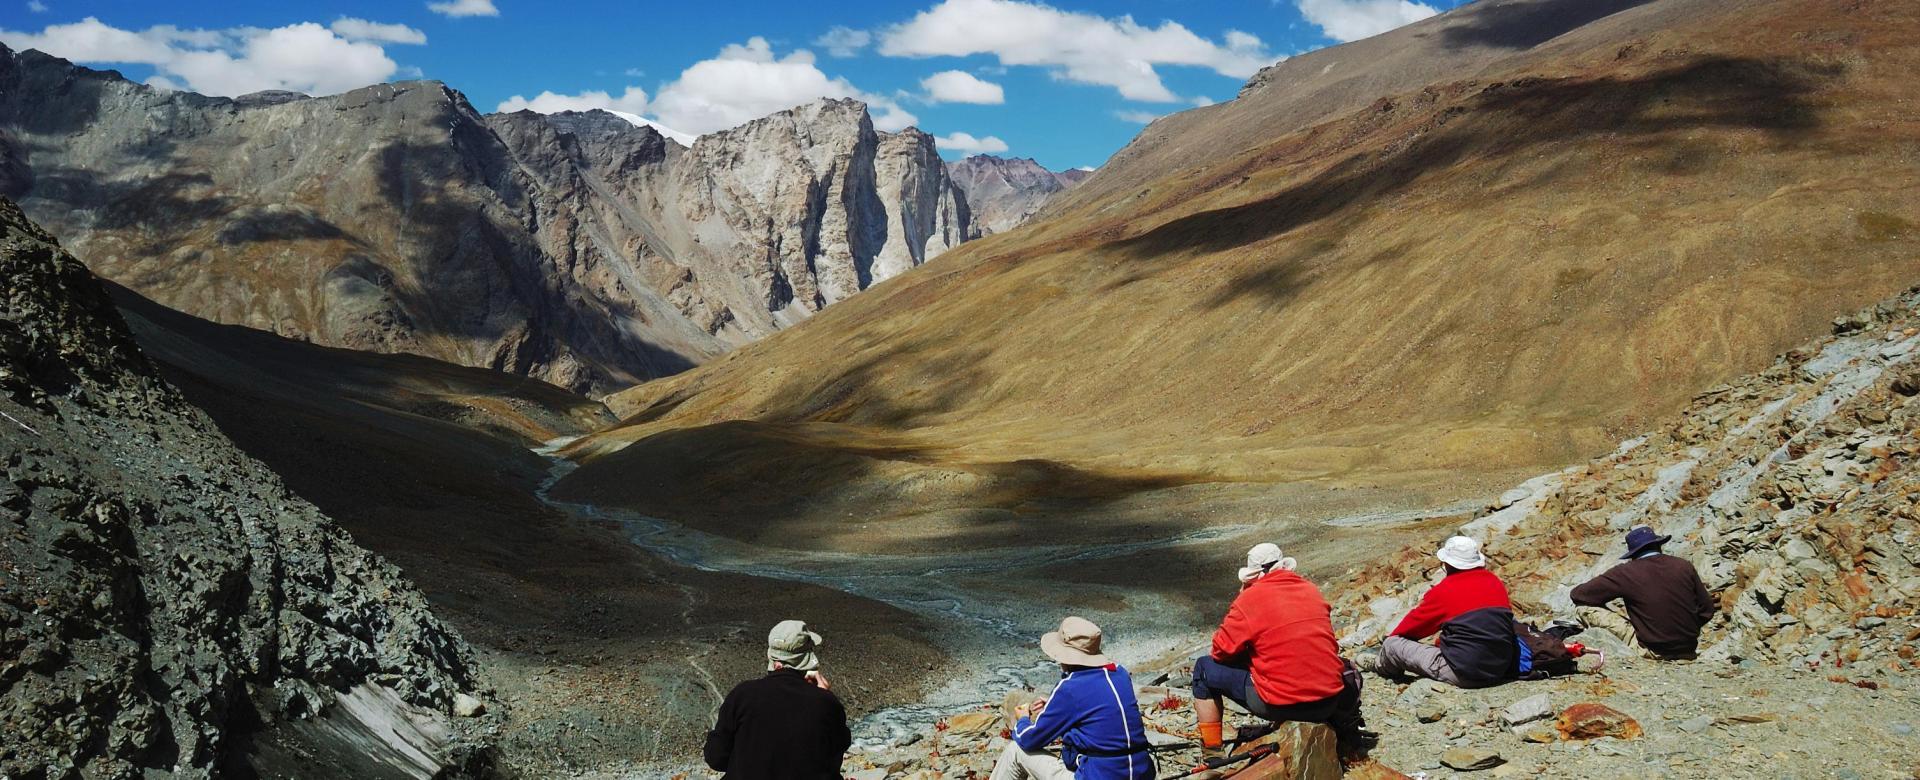 Voyage à pied Inde : Ladakh : la vallée de markha